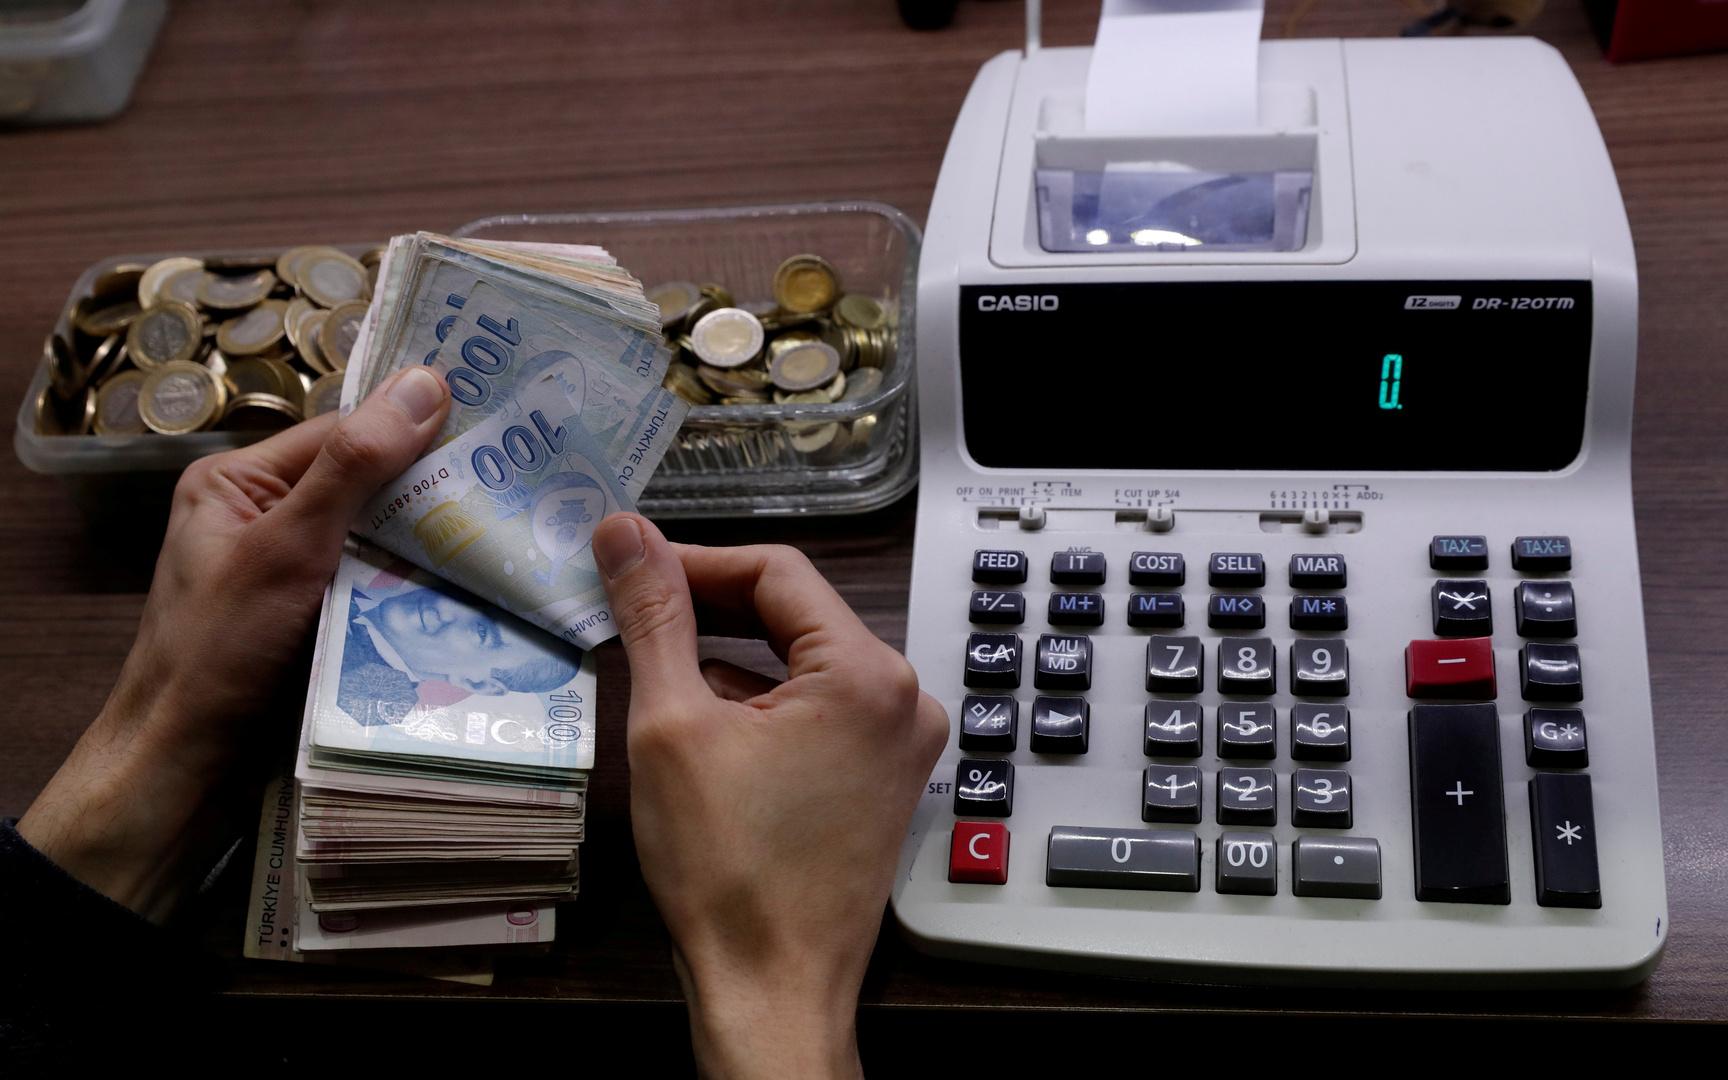 الاقتصاد التركي ينمو 6.7% في الربع الثالث من العام الجاري بعد موجة كورونا الأولى